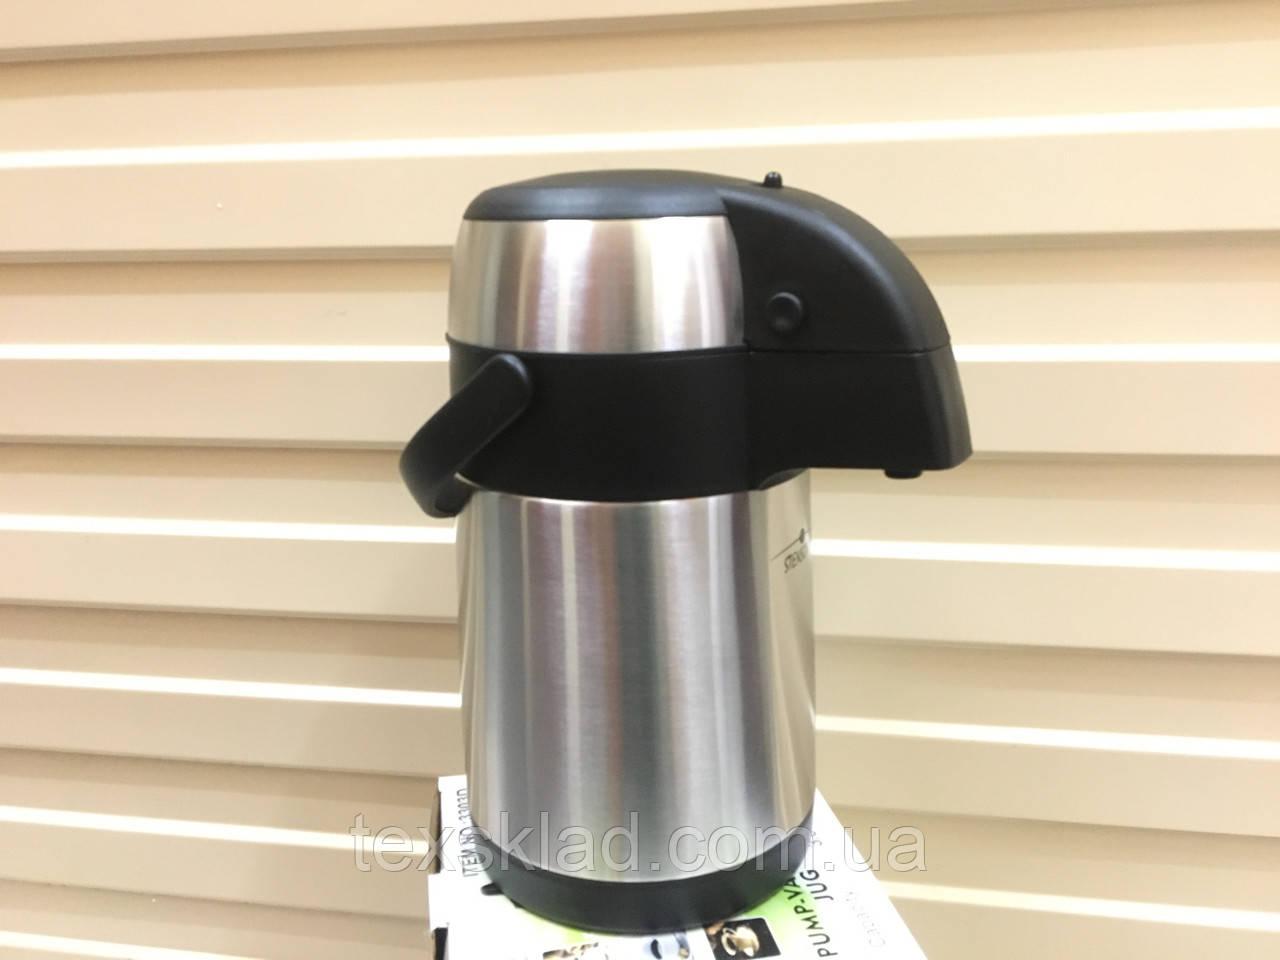 Термос помповый вакуумный со стальной колбой 2,5 литра